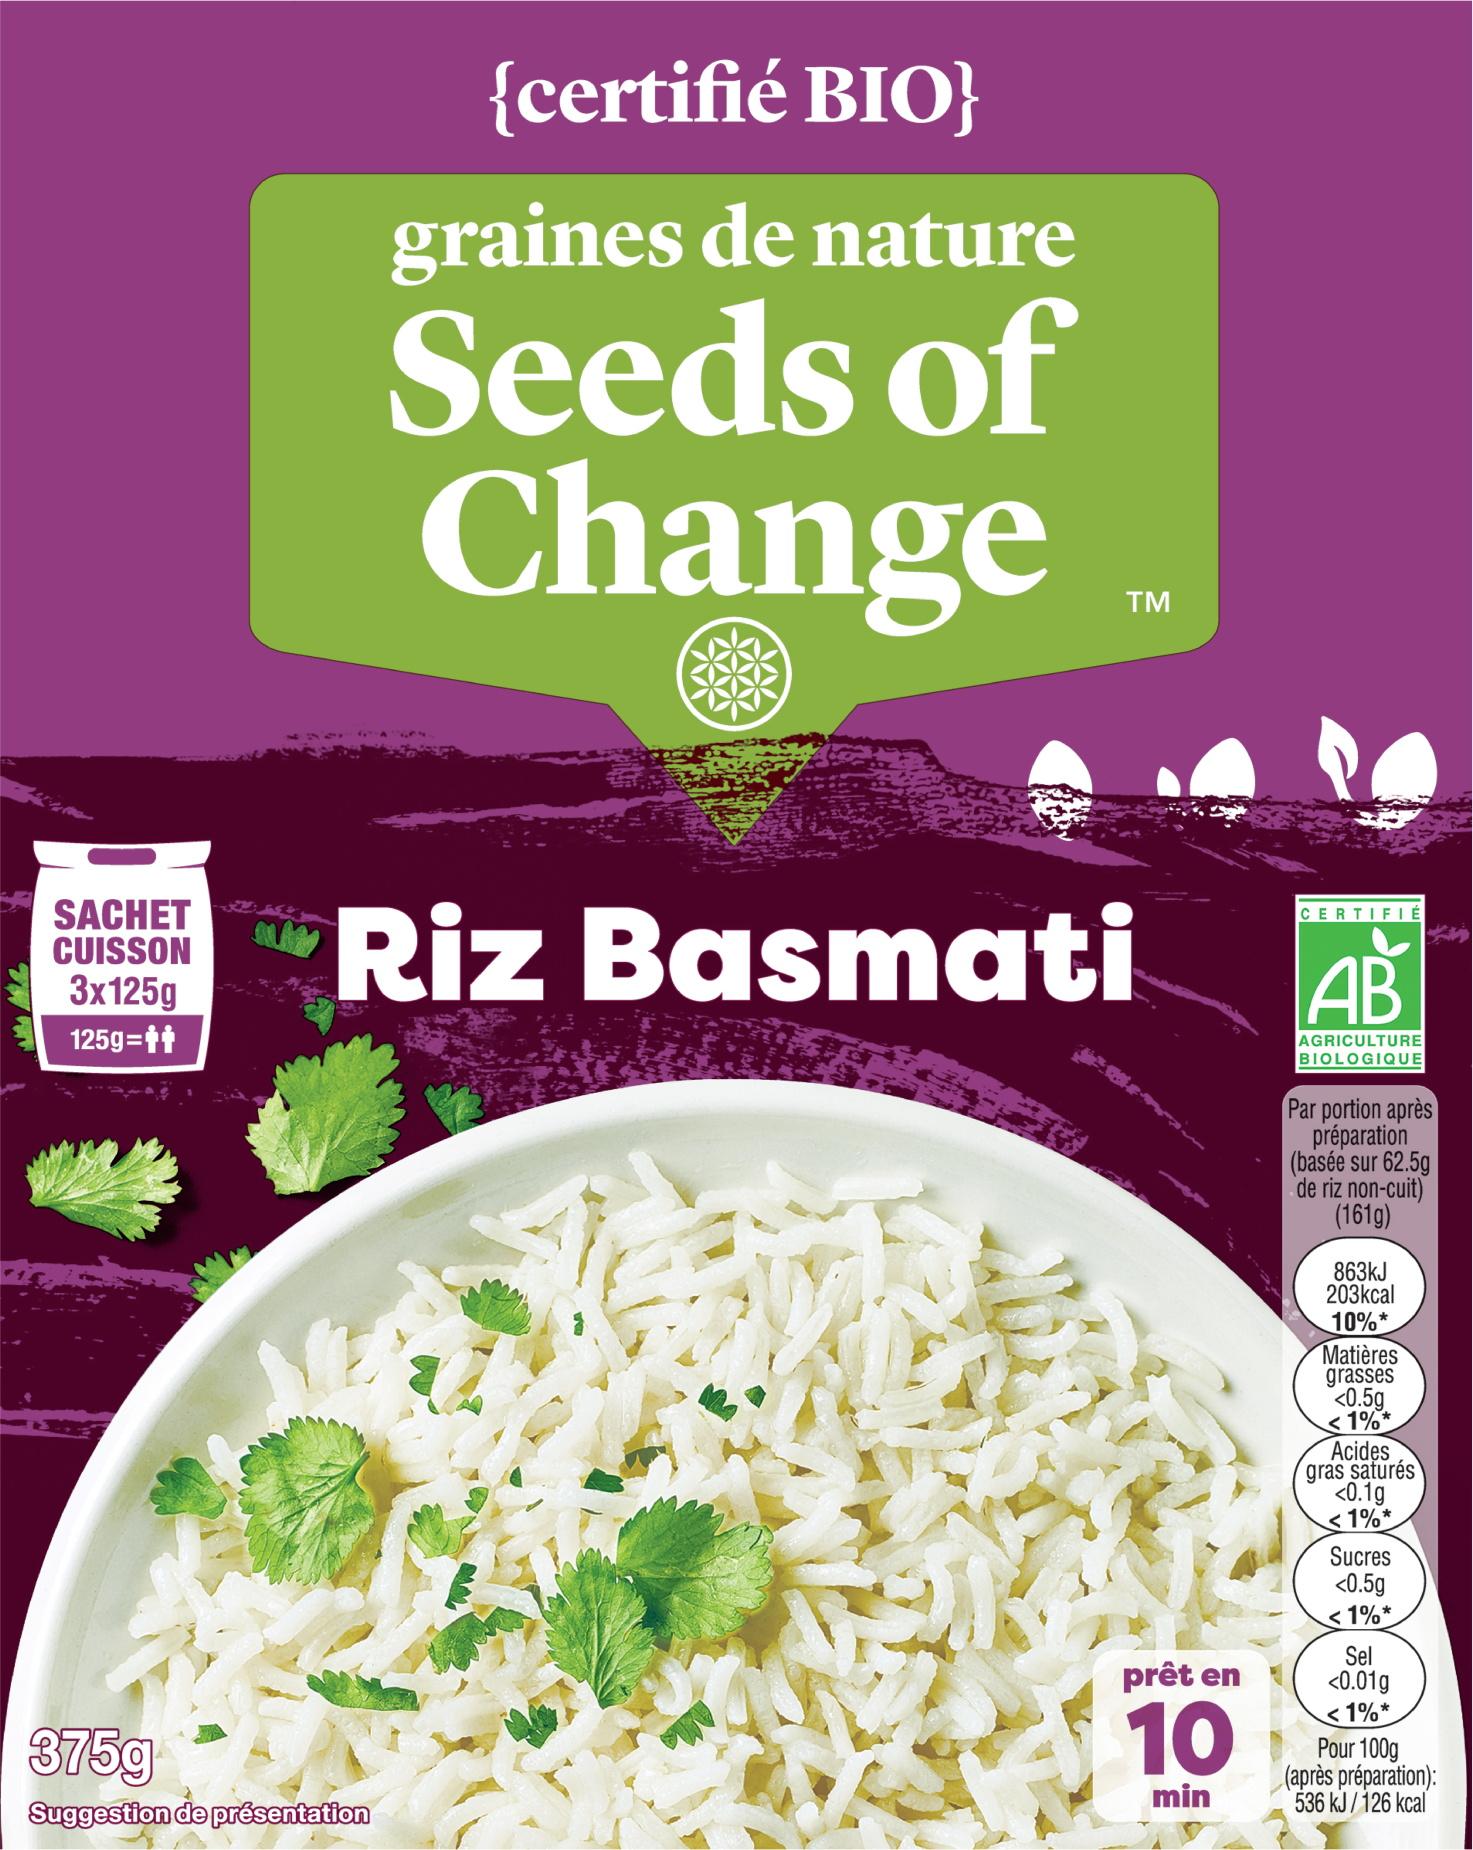 Riz Basmati - graines de nature - Seeds of Change propose des mélanges de céréales inédits